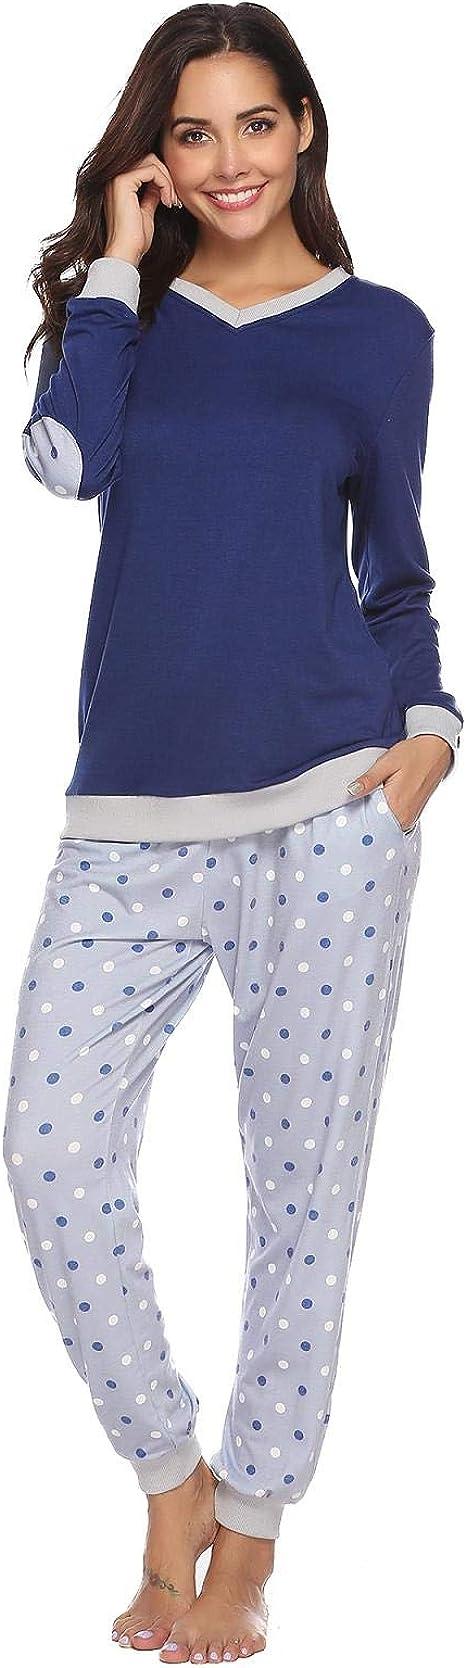 Abollria Pijama Mujer Algodón 2 Piezas Set V-Cuello Conjunto de ...